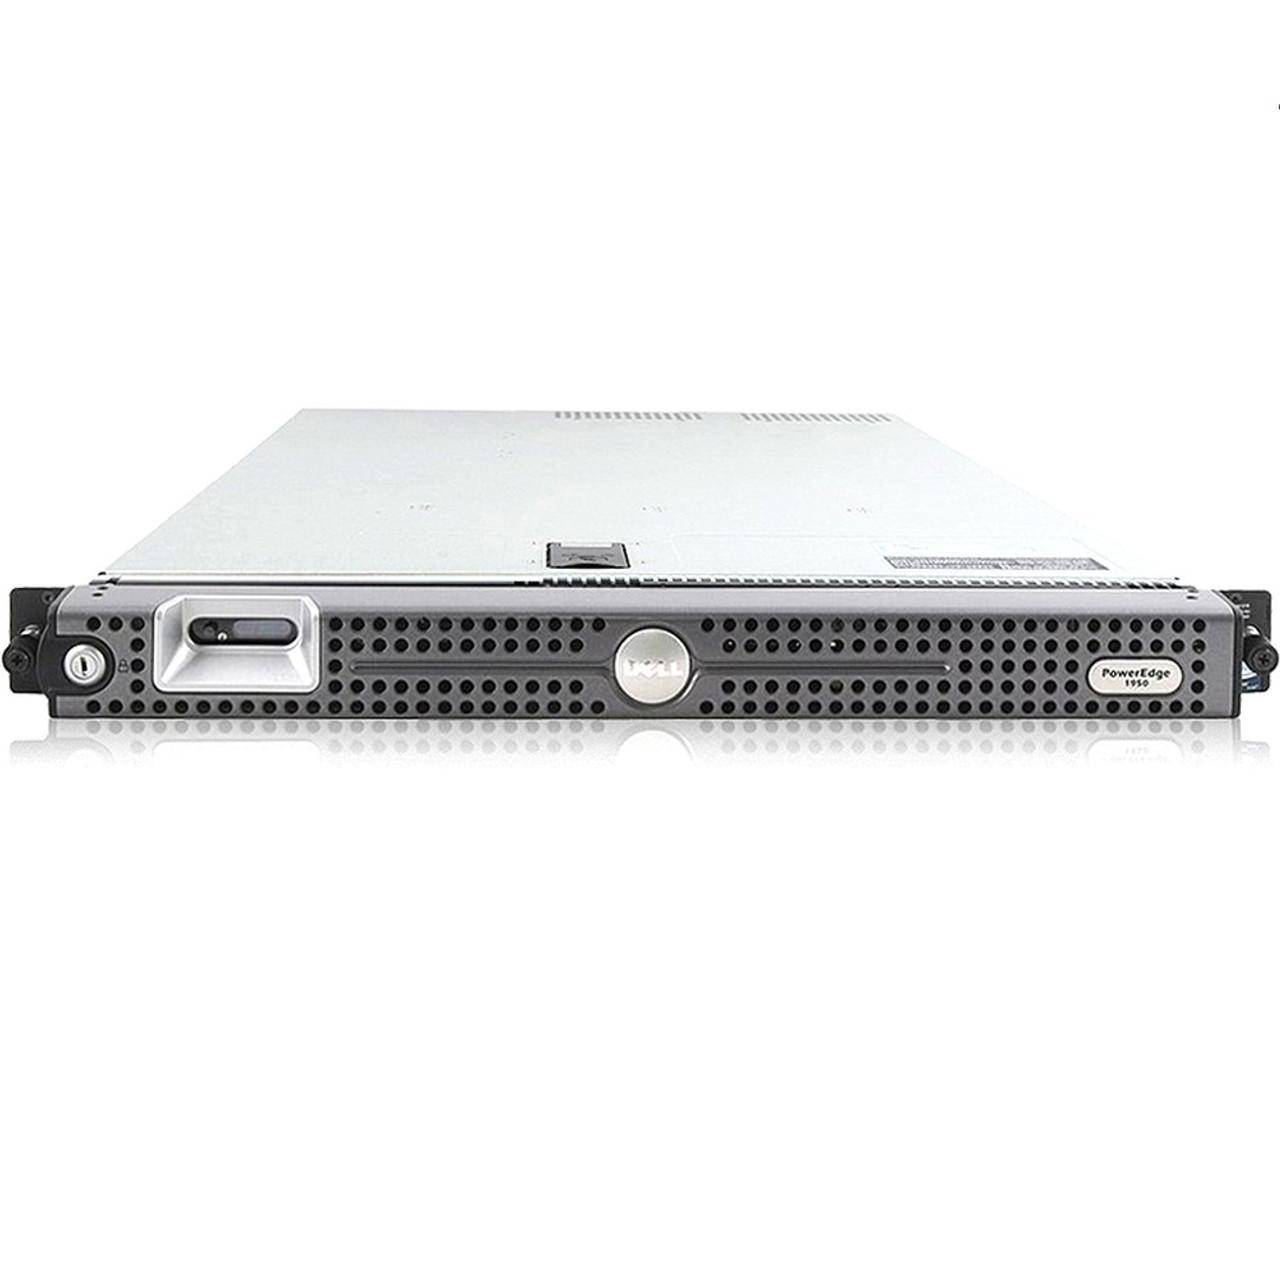 3 Year Warranty Dell PowerEdge 2950 Server 2 x 2.33GHz DUAL 4GB 2TB